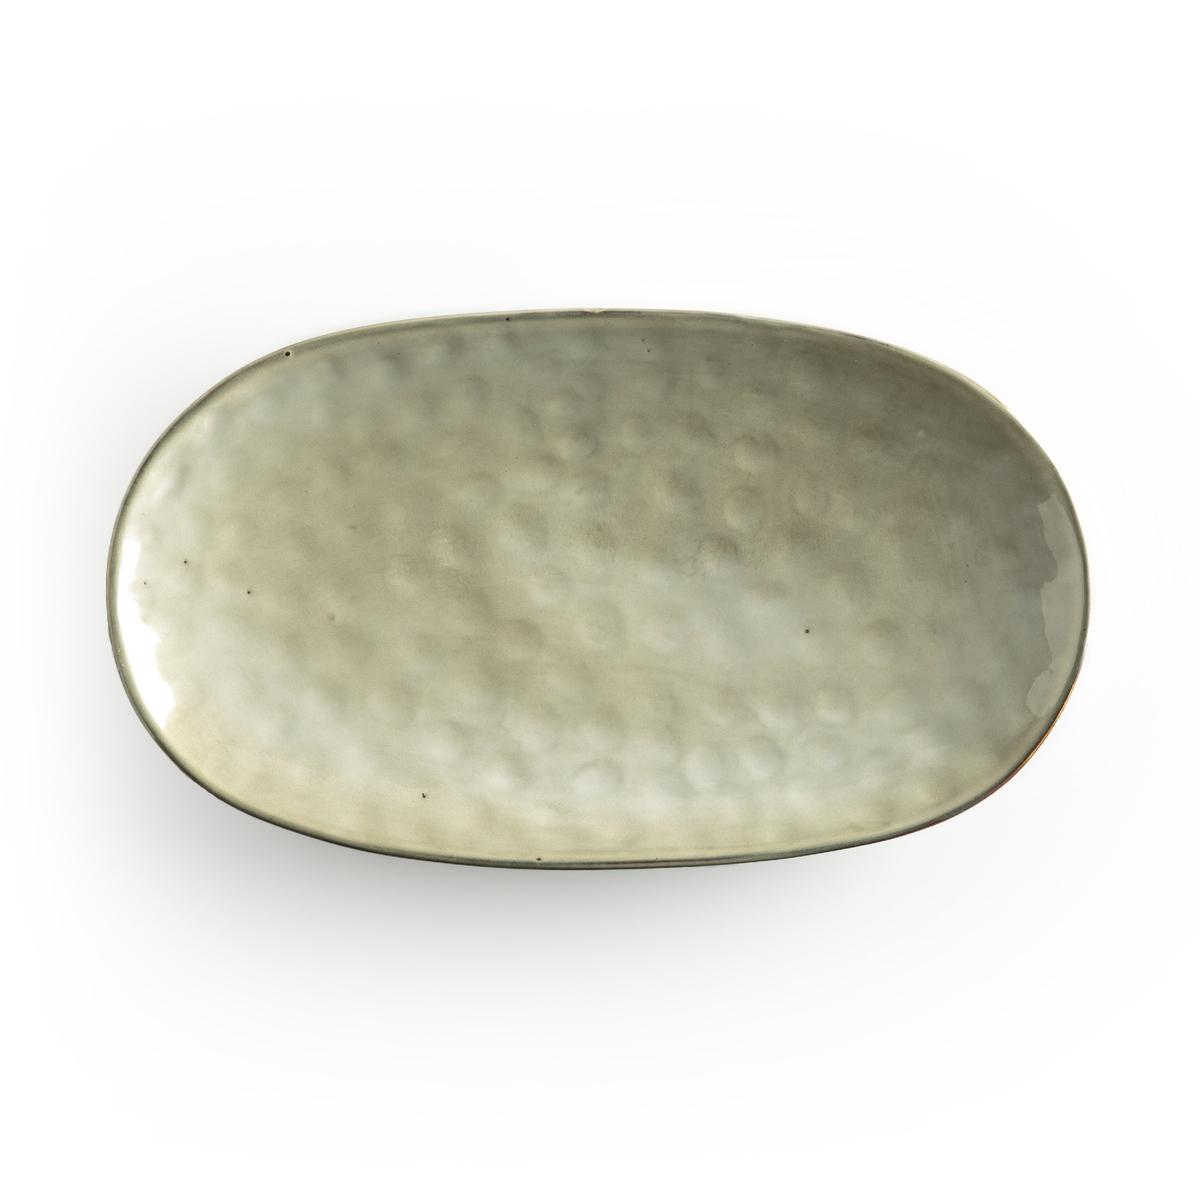 Блюдо La Redoute Сервировочное из керамики Horciag единый размер зеленый чашки la redoute из керамики shima единый размер зеленый